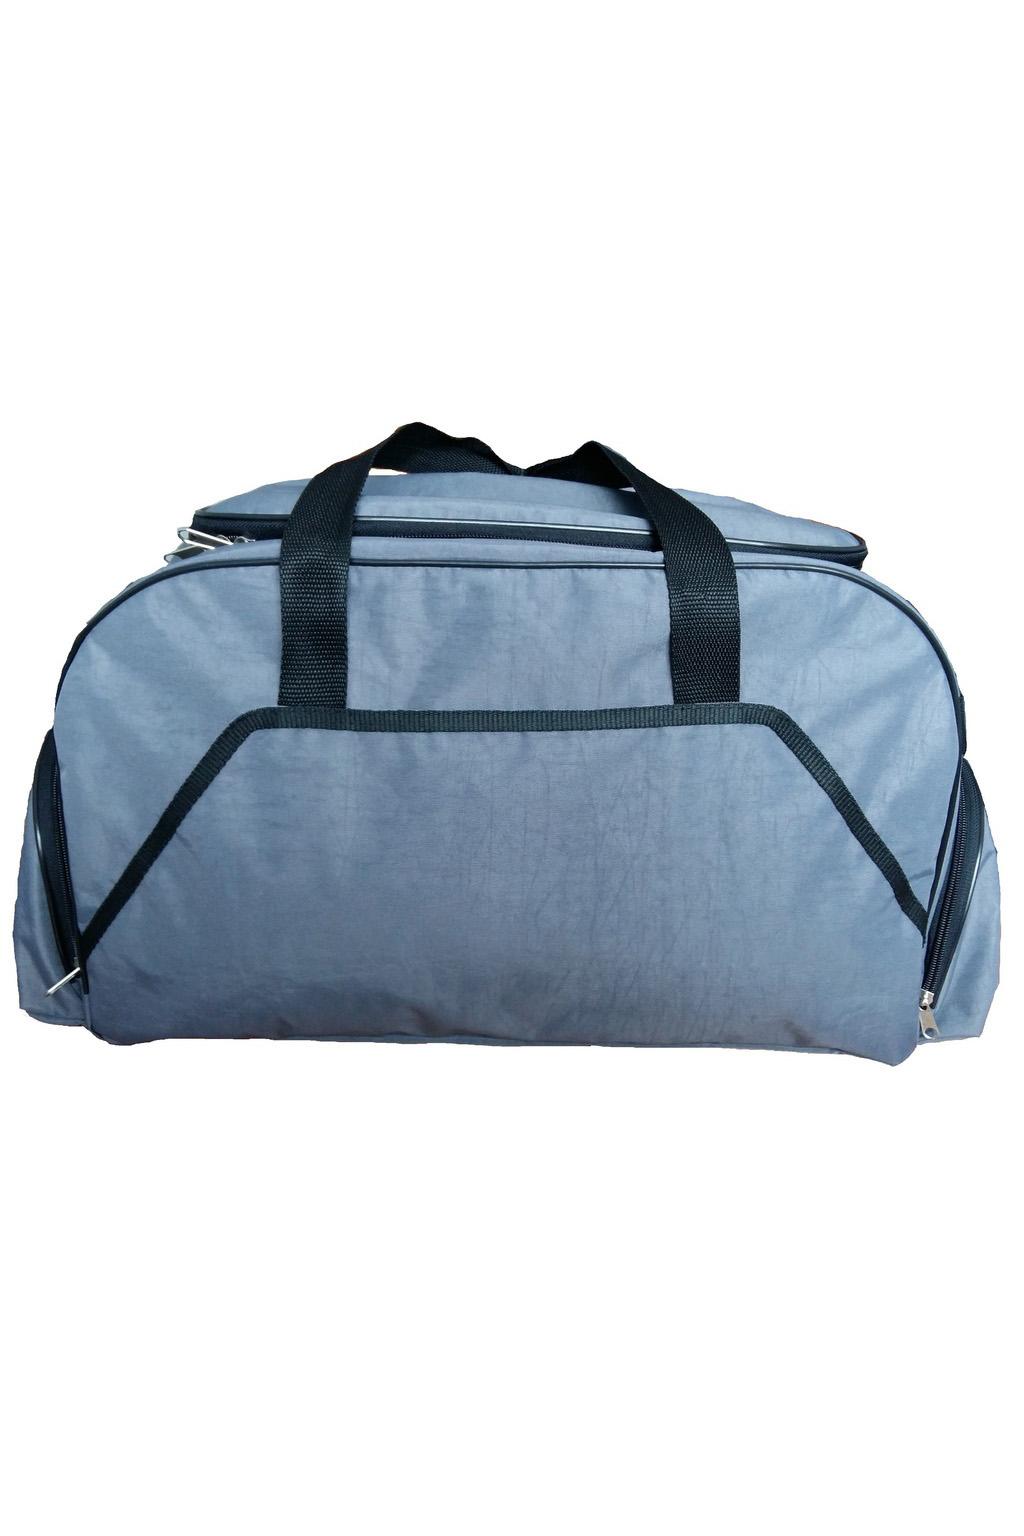 Спортивная сумкаСпортивные<br>Удобная и вместительная спортивная сумка.  Размер: 40*30*22 см.  В изделии использованы цвета: серо-голубой, черный<br><br>По сезону: Всесезон<br>Размер : UNI<br>Материал: Полиэстер<br>Количество в наличии: 3